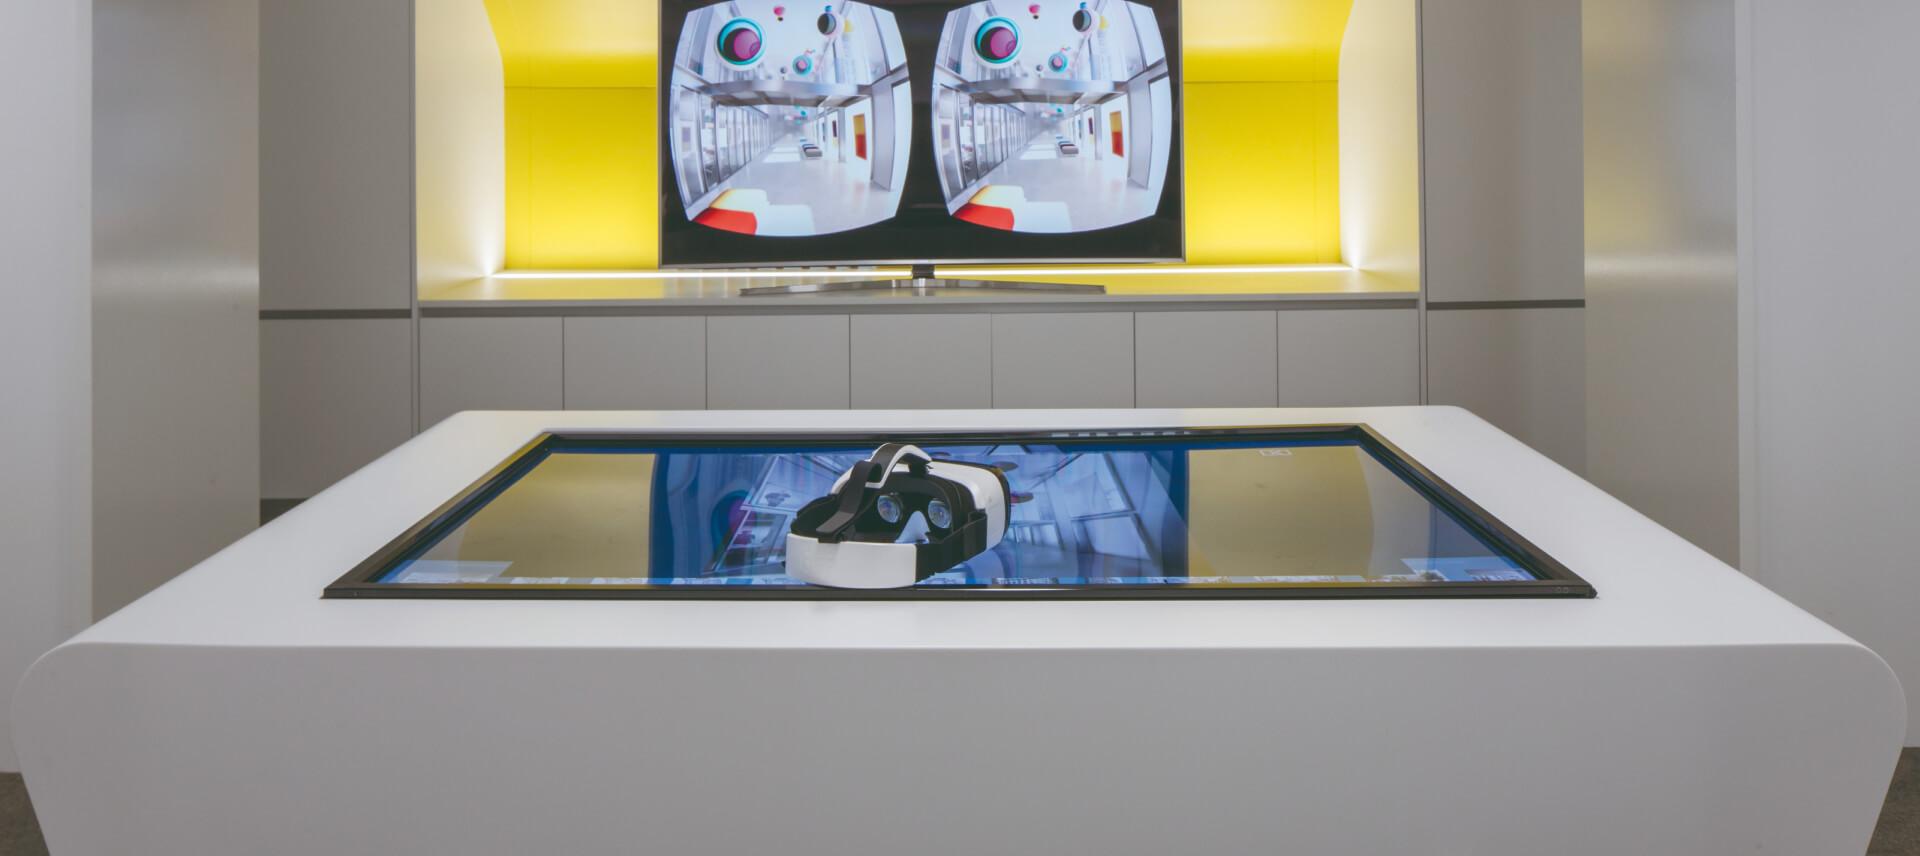 espaço tecnologico com oculos vr